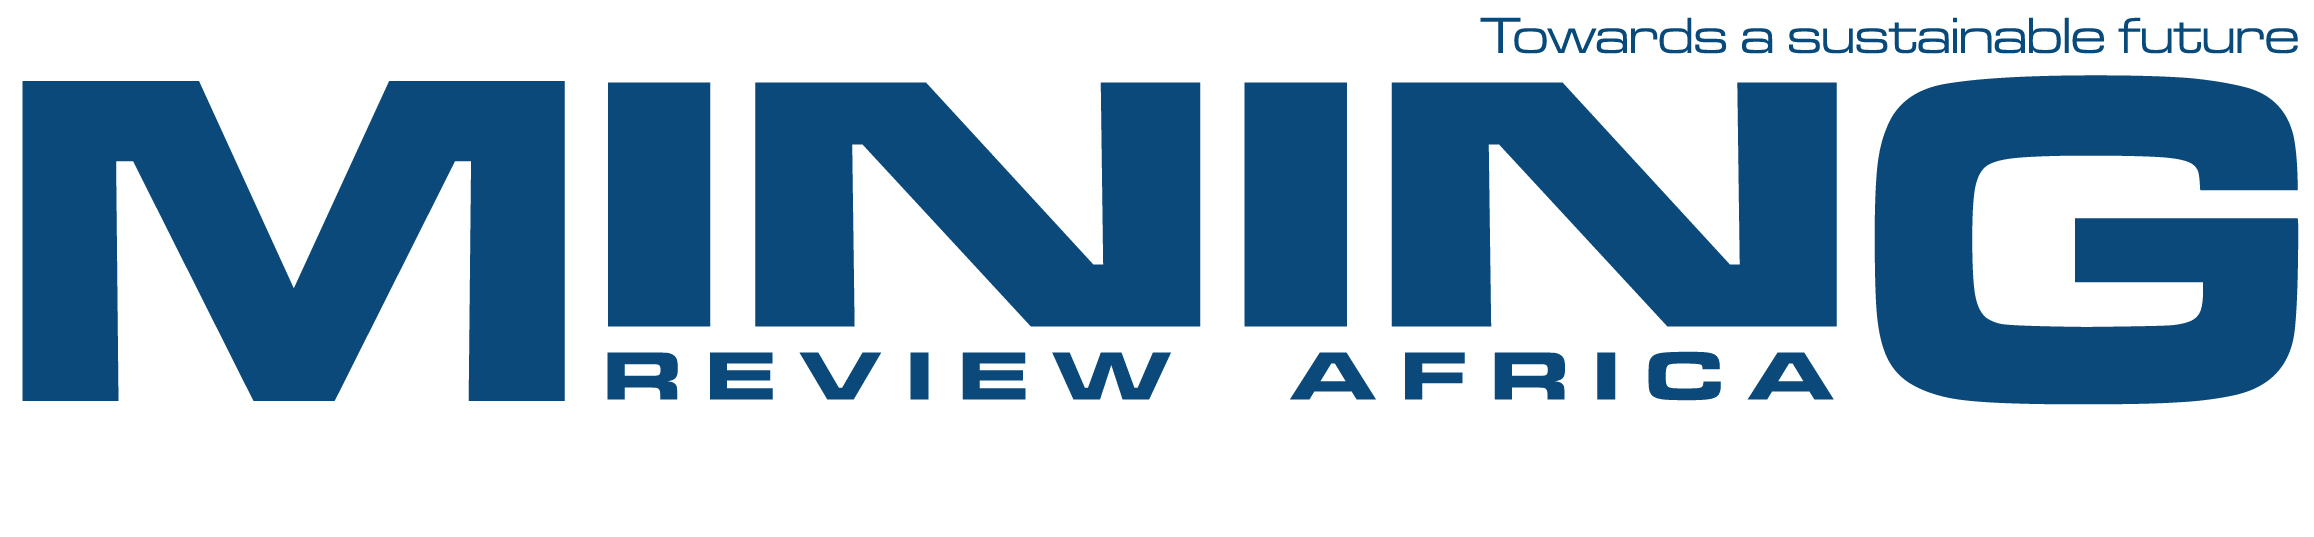 MiningReviewAfrica_logo.jpg